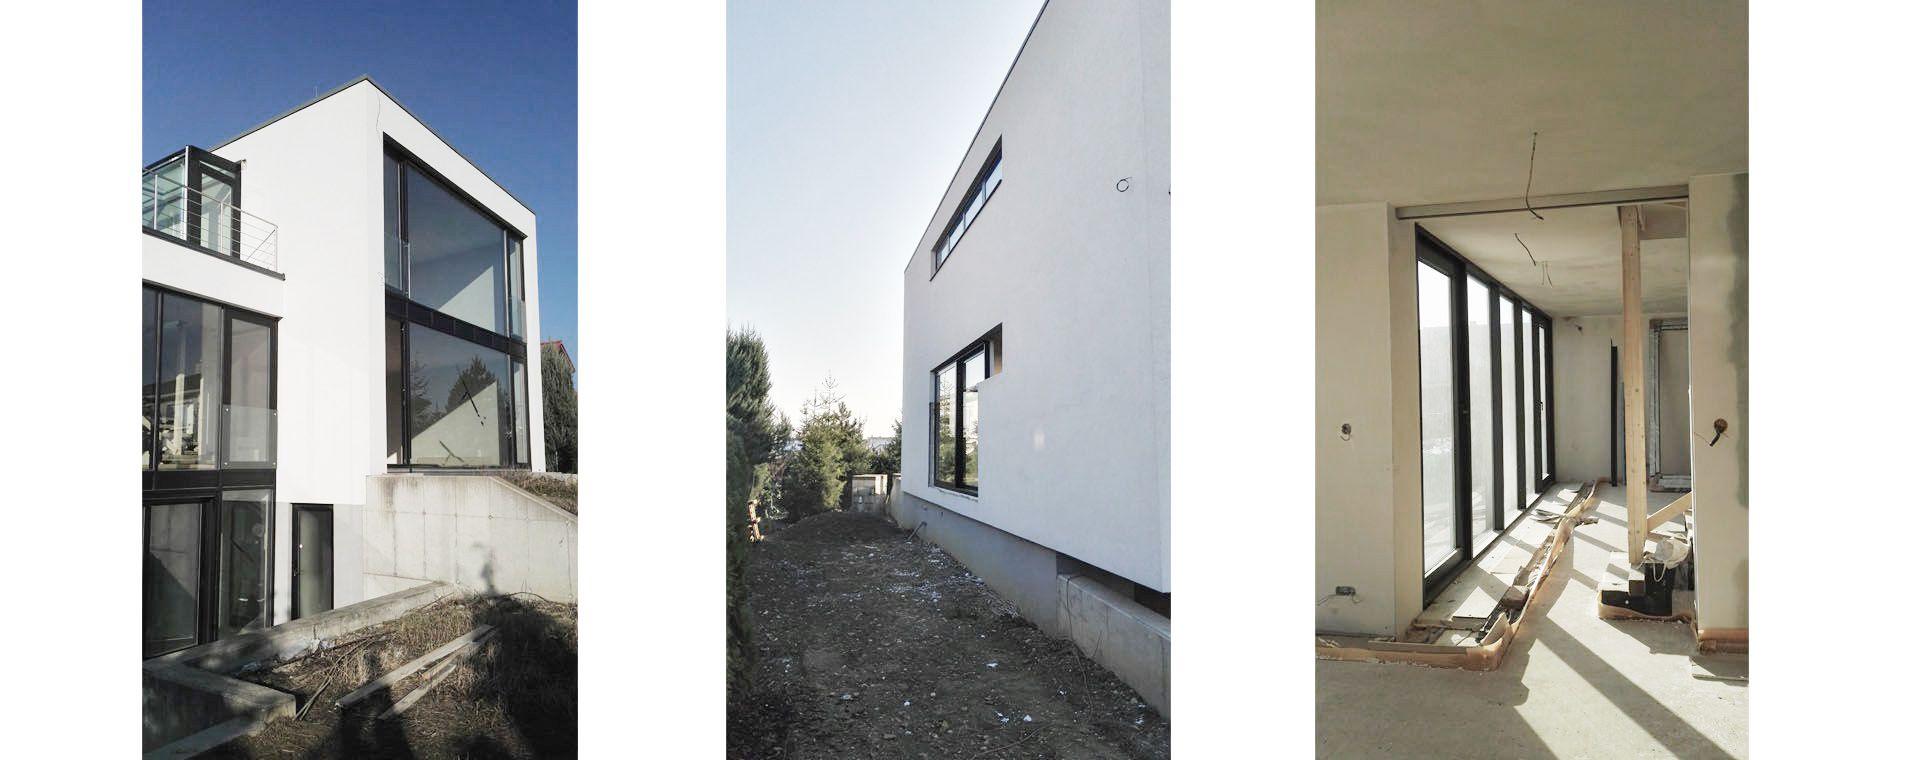 A new vila, Libus, Prague 4 - construction works and extension, 2014-2017, CZ